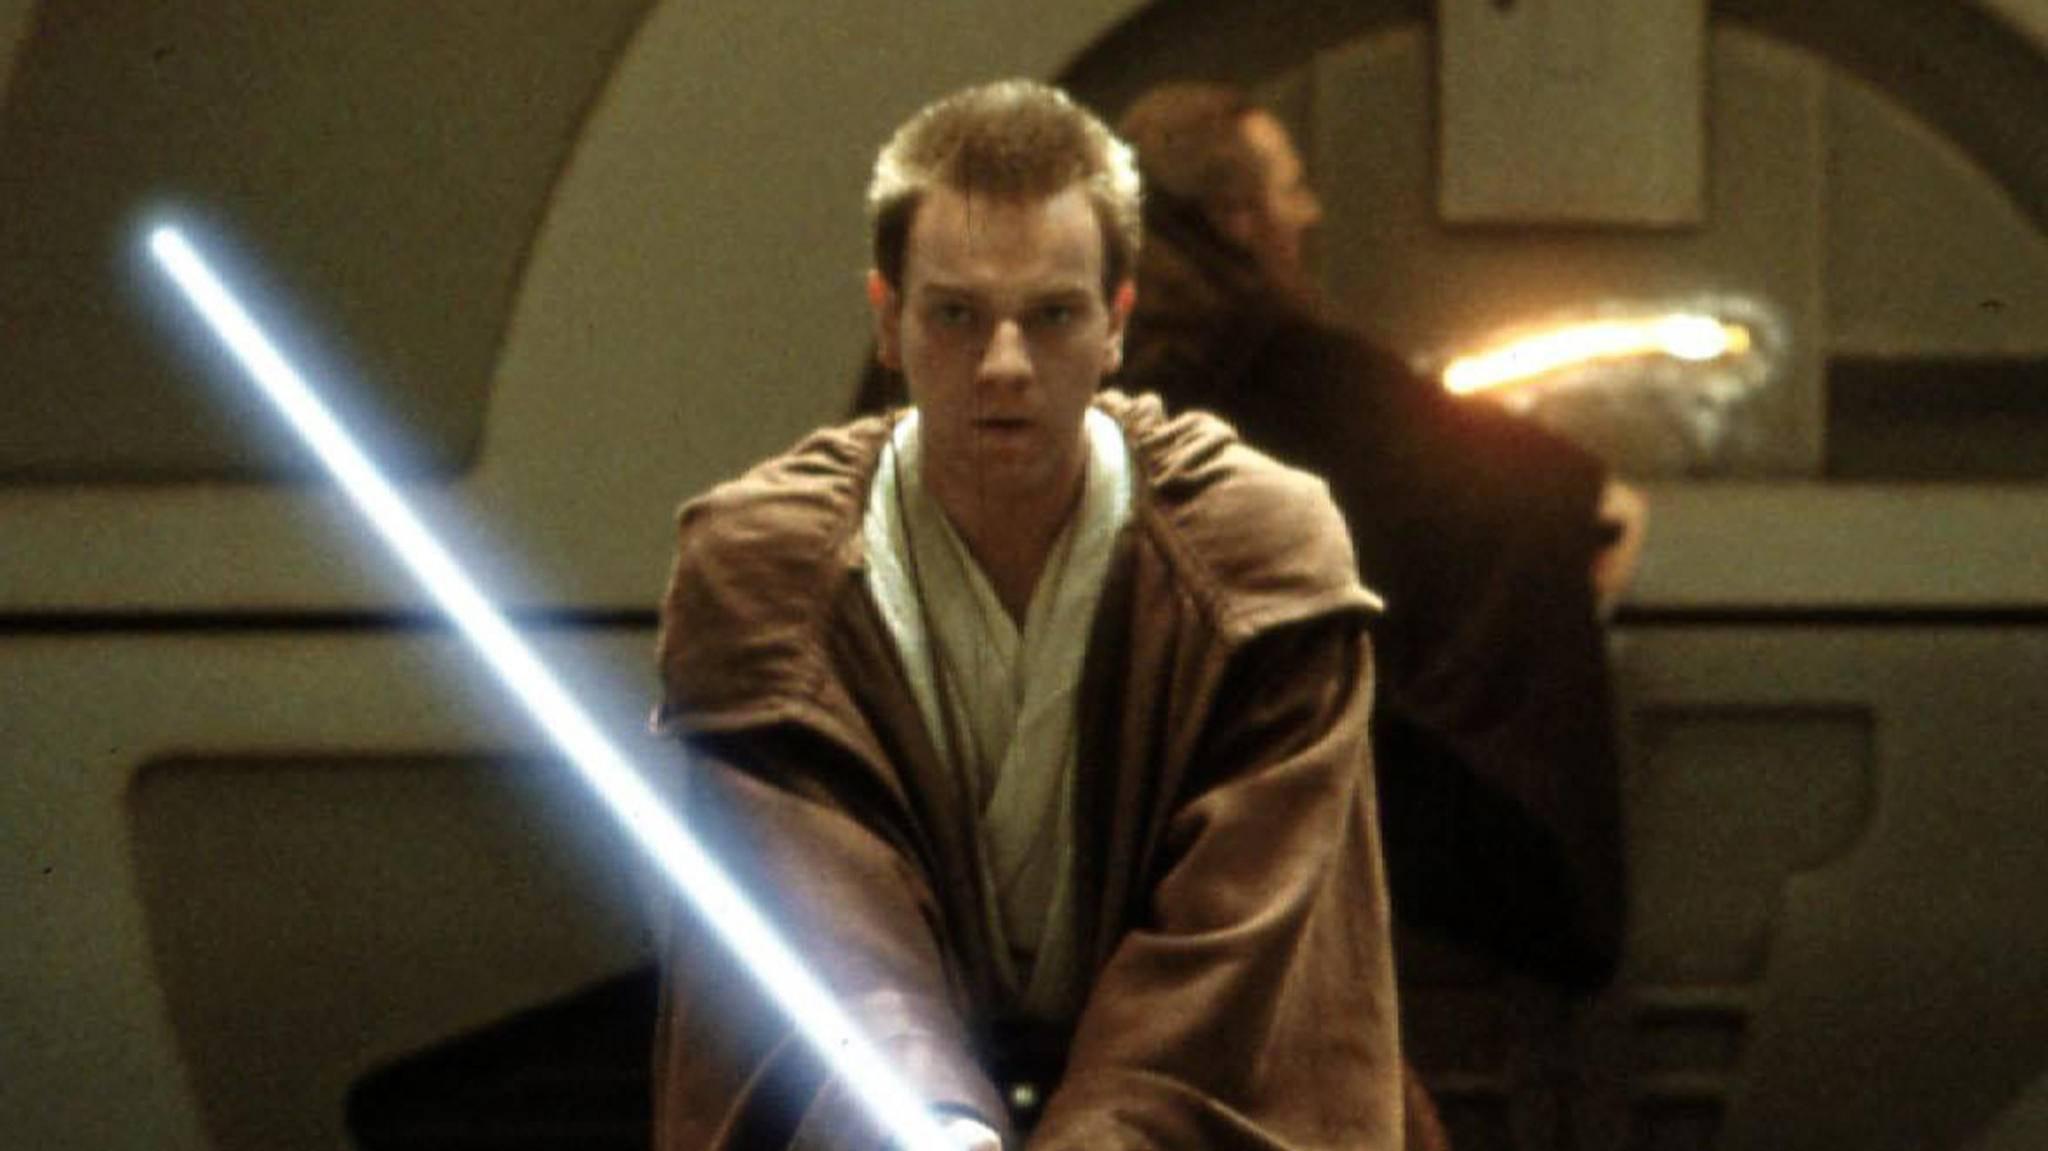 Das Spin-off über Obi-Wan Kenobi könnte ein Prequel zu Episode 4 werden.